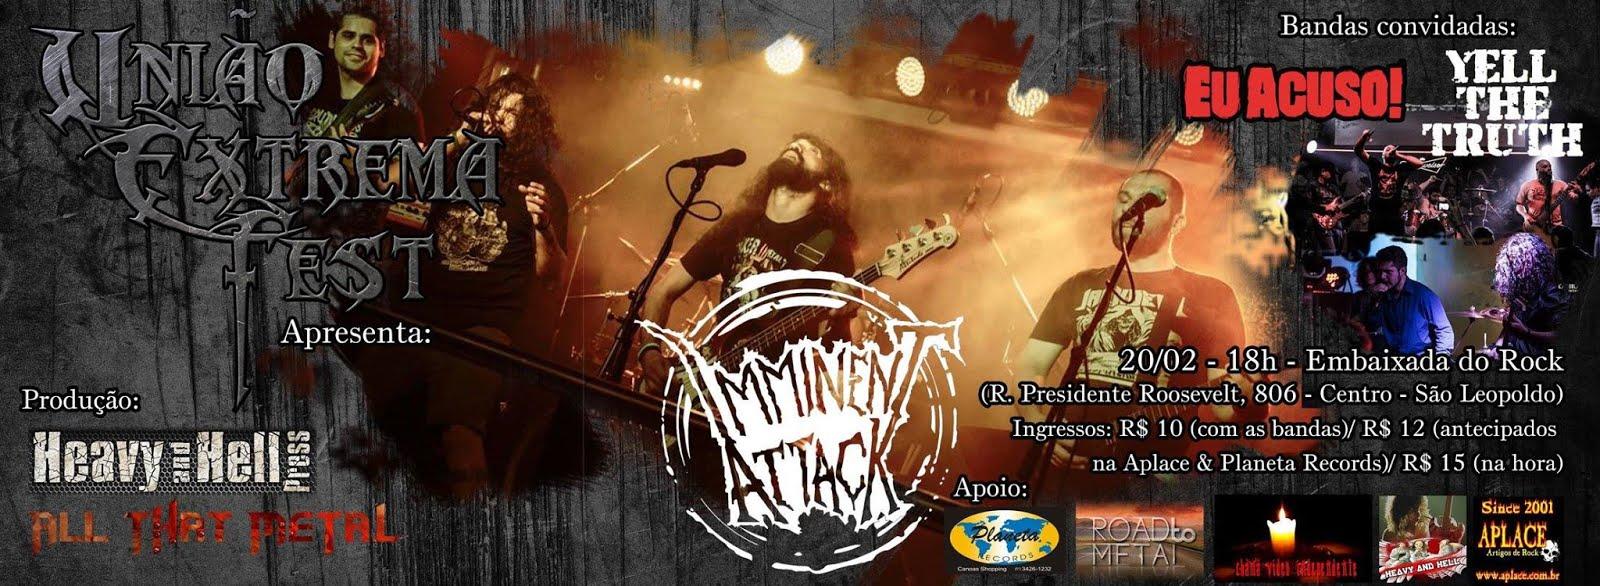 Mais um apoio Road to Metal! Pela 1° vez no RS a revelação do Crossover nacional, IMMINENT ATTACK!